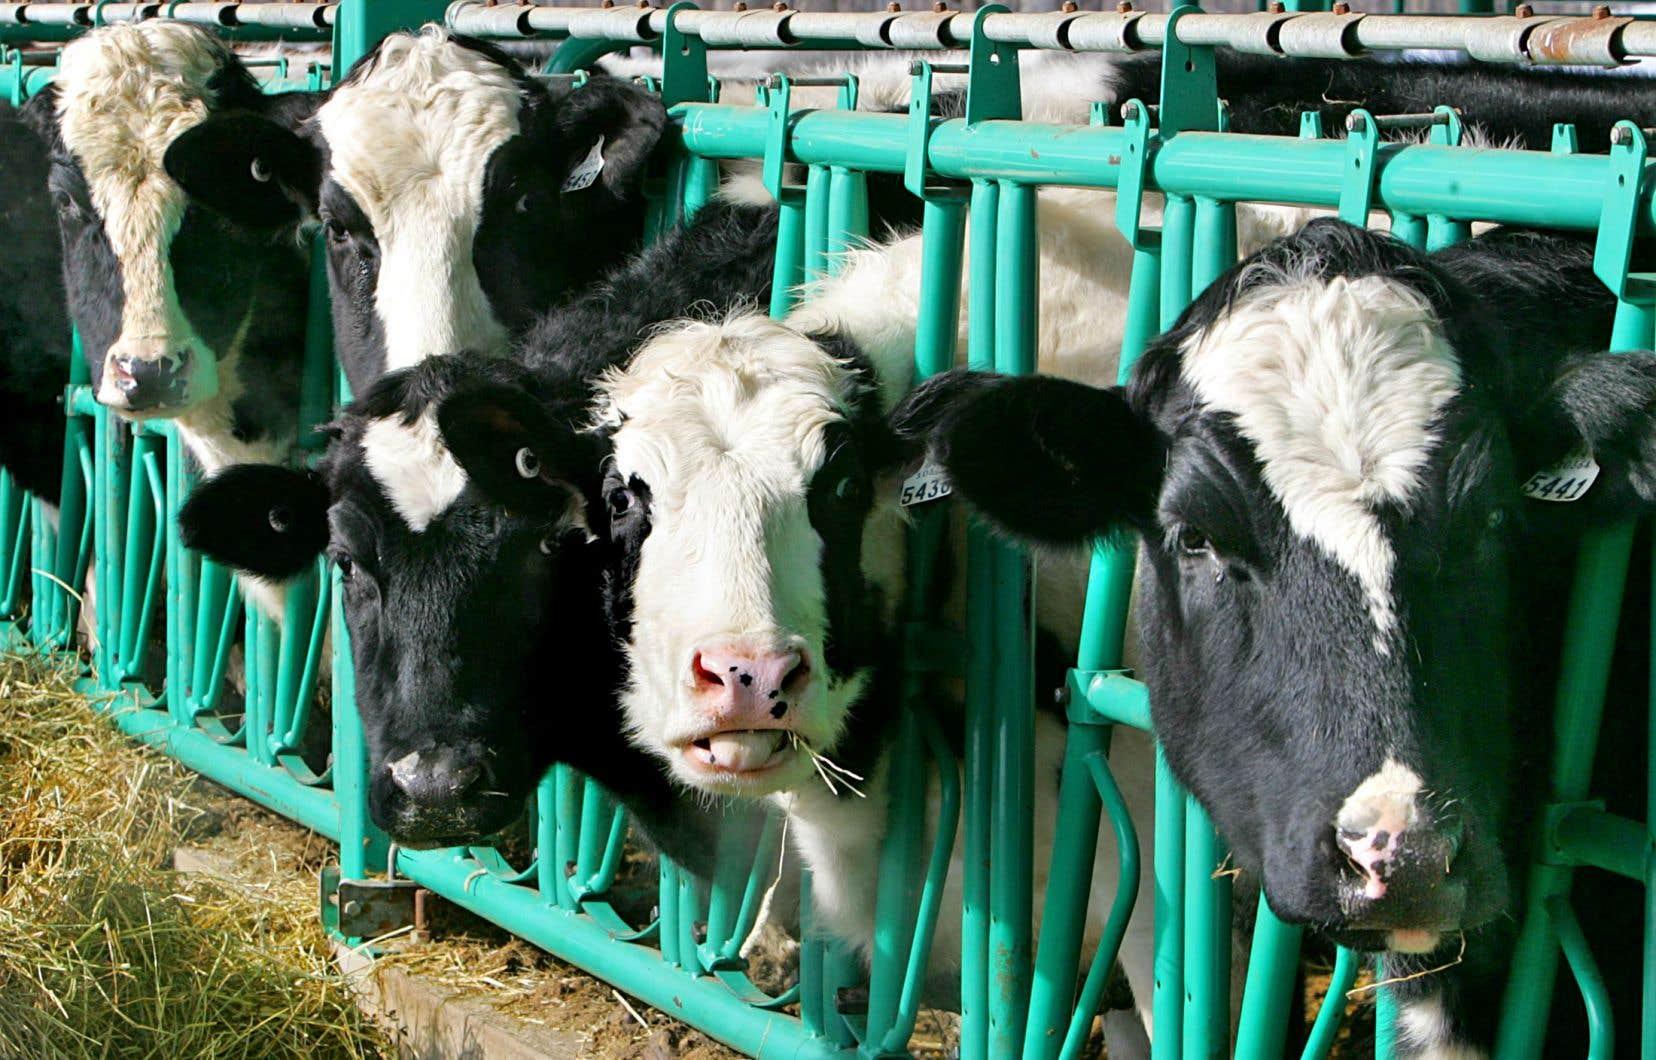 Le gouvernement fédéral prévoit indemniser les agriculteurs qui seront touchés.